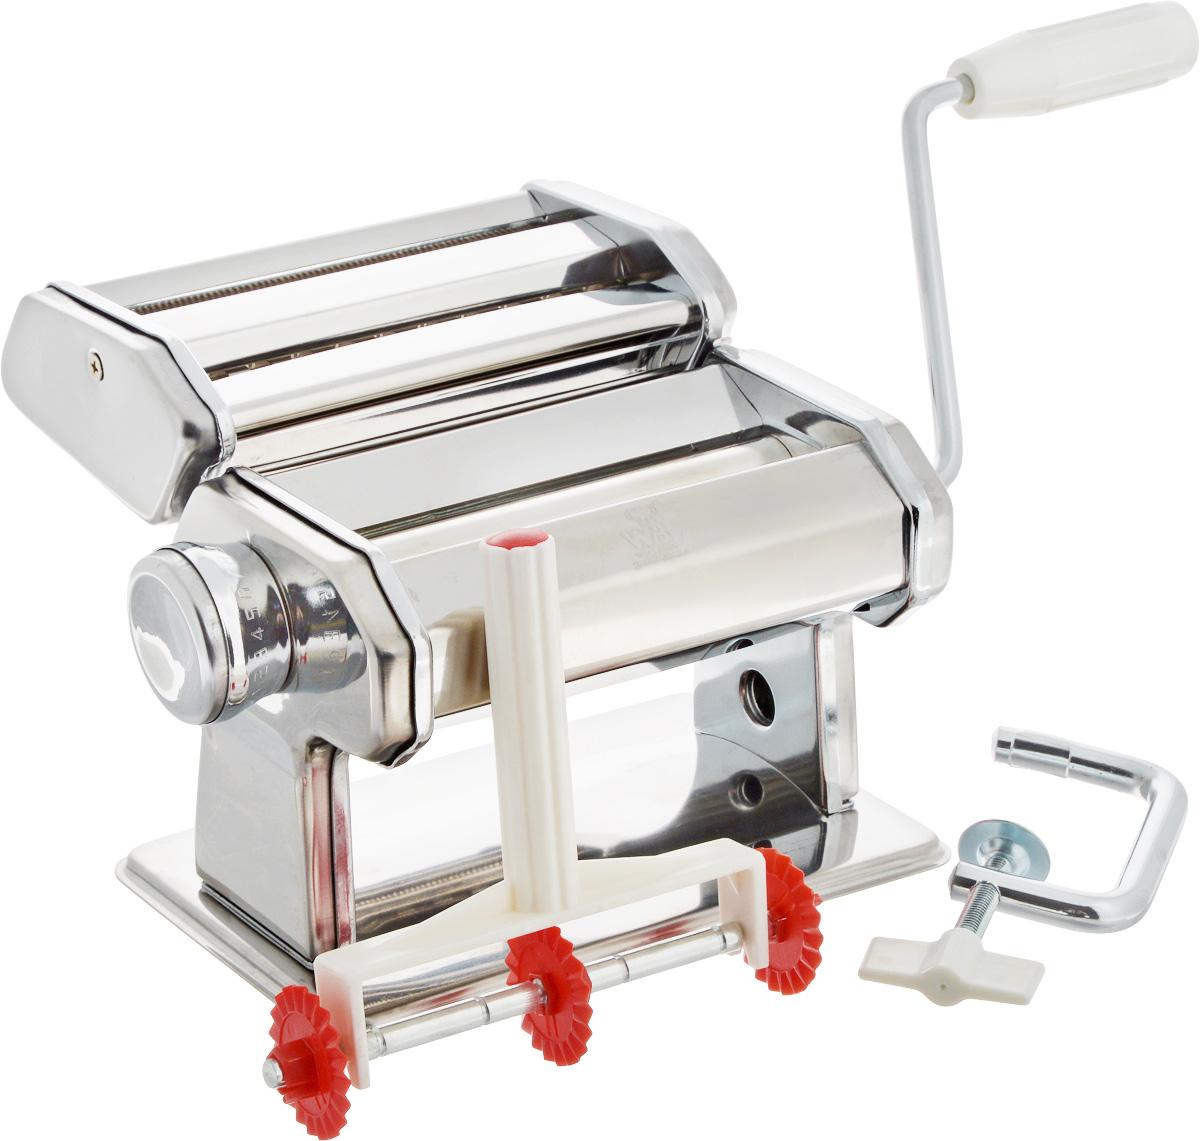 Лапшерезка ручная Wellberg901 WBРучная лапшерезка Wellberg изготовлена из высококачественной нержавеющей стали с зеркальной полировкой. Изделие прекрасно подходит для раскатки теста для лазаньи, домашней лапши или пасты. Лапшерезка оснащена валиком для раскатки теста и съемной ручкой. В комплекте - струбцина для крепления к столу и насадка для приготовления пасты. Принцип работы лапшерезки очень прост: вращая рукоятку, вы запускаете валики, которые позволяют раскатать идеально тонкое тесто, с помощью ручки раскатанное тесто также можно разрезать на узкие или широкие полоски. Для удобства использования ручка оснащена пластиковой вставкой. Лапшерезка Wellberg имеет 9 режимов толщины раскатки теста и позволяет нарезать 2 вида лапши. Размер лапшерезки: 22 х 20 х 15 см. Ширина валика тестопрокатки: 15 см. Ширина спагетти: 0,6; 1,0 мм.